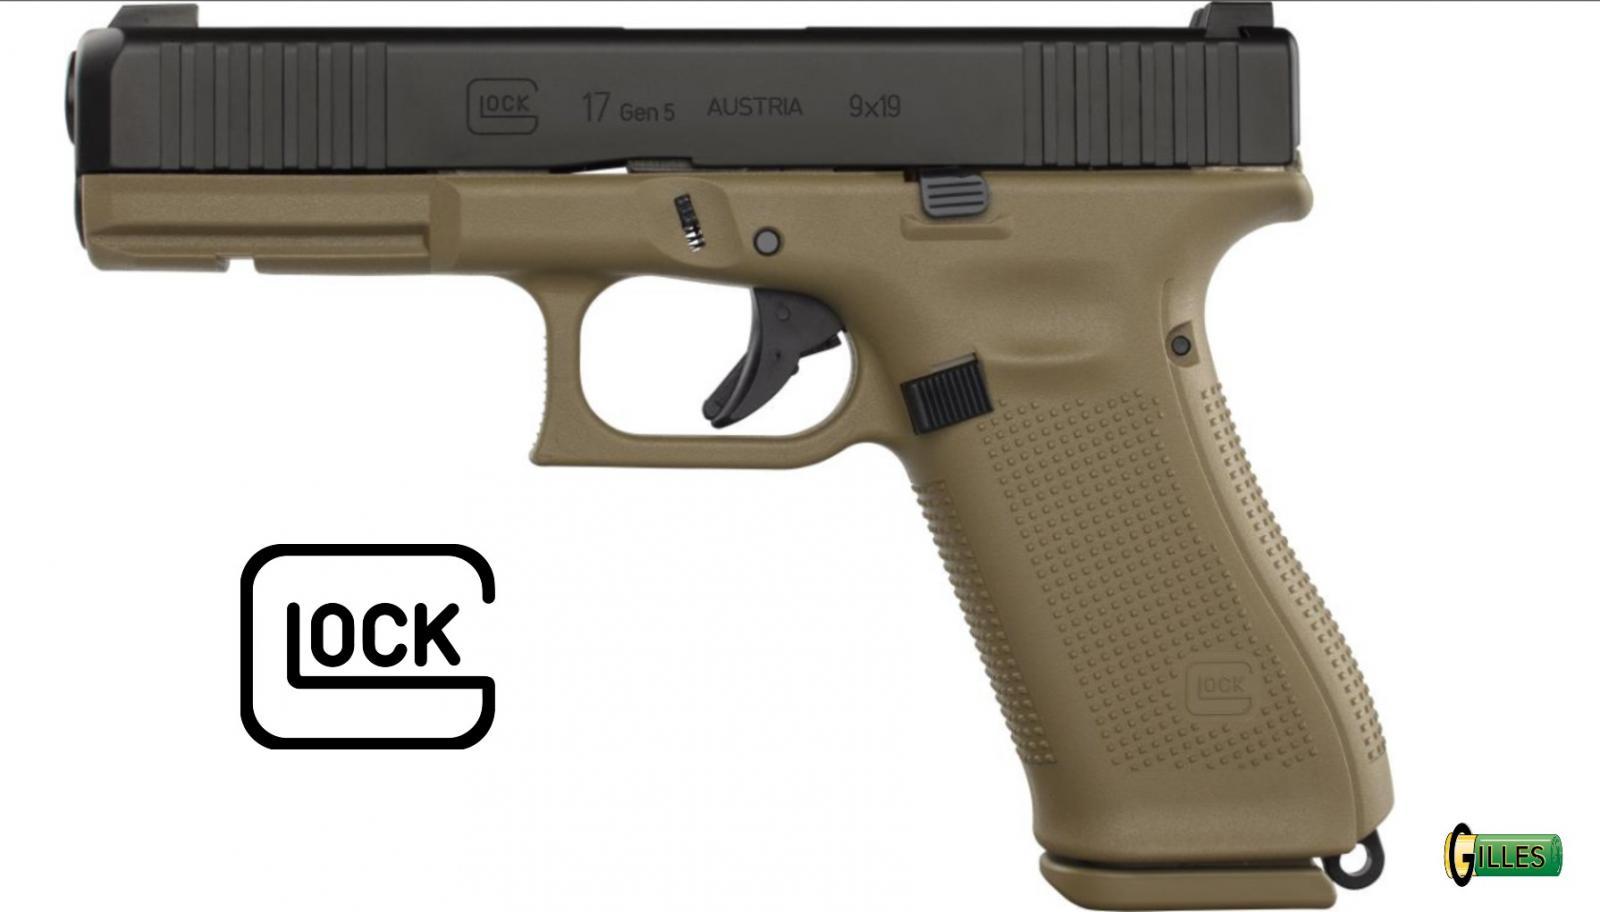 Pistolet GLOCK 17 GEN 5 FS COYOTE Cal. 9x19 mm